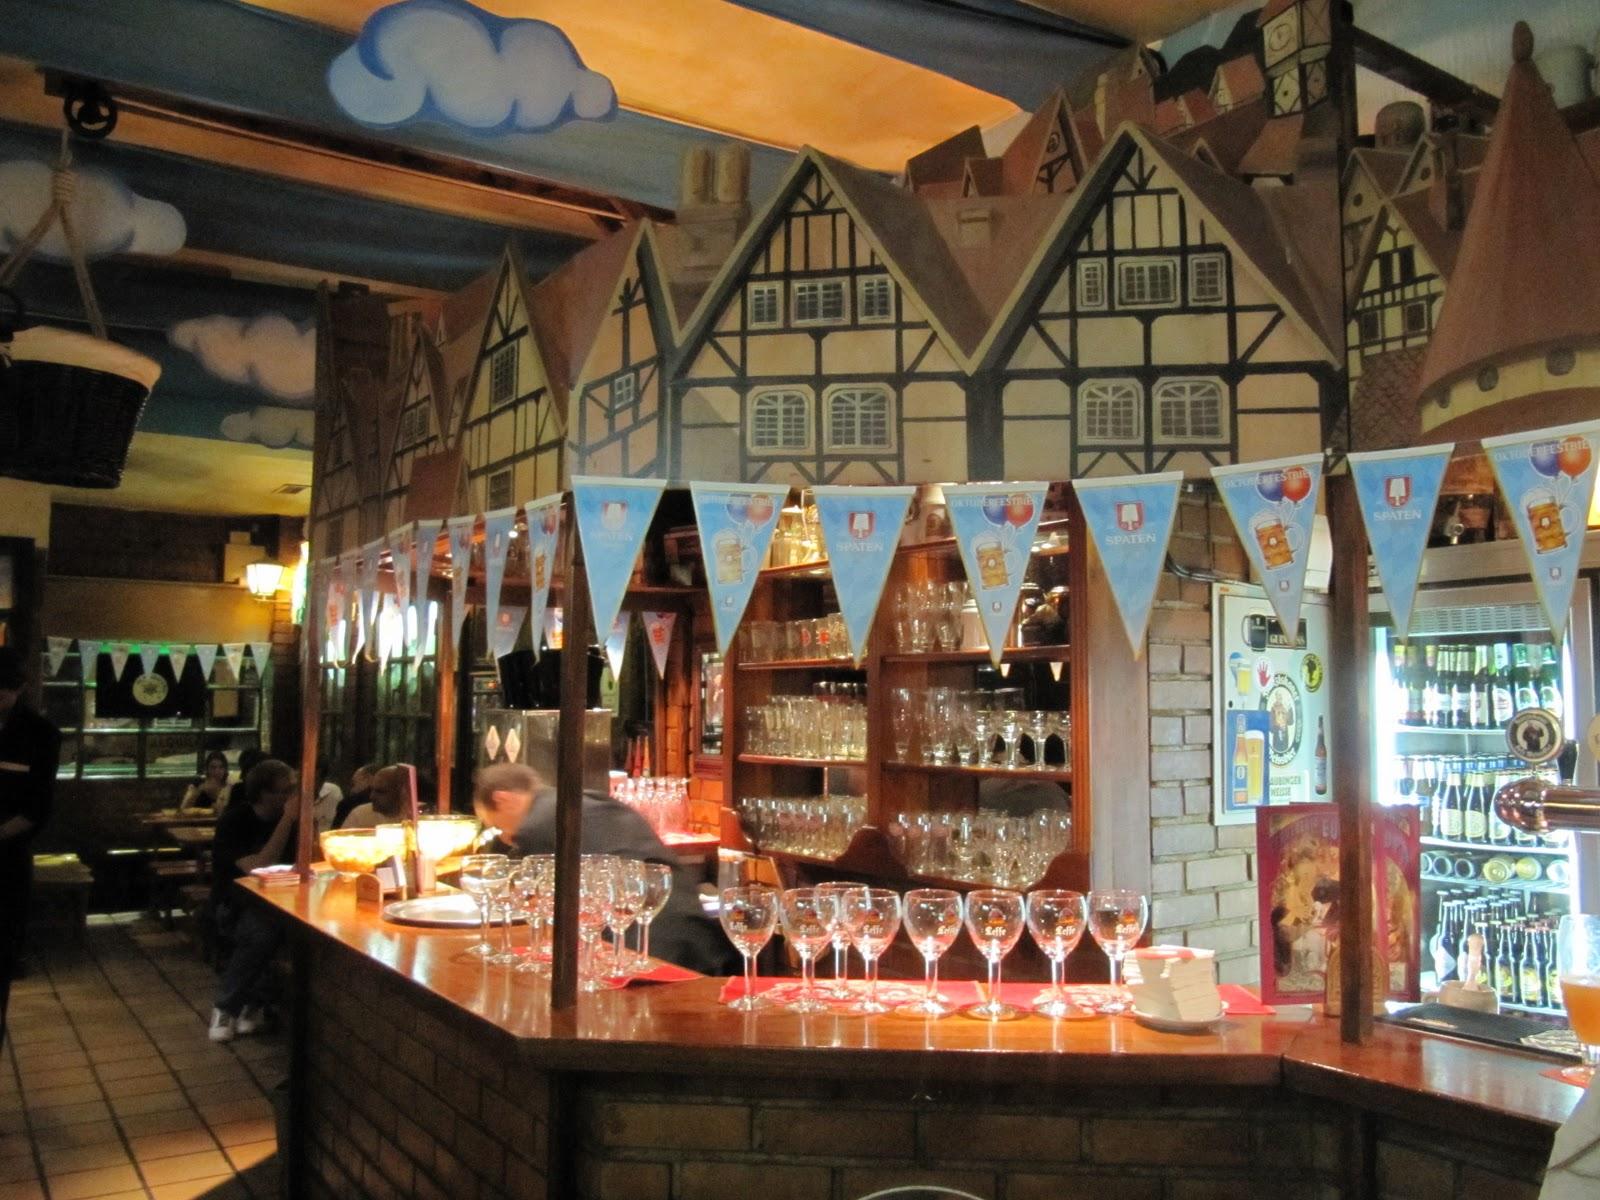 La cerveteca de jab un s bado en el epicentro cervecero for Decoracion de cervecerias